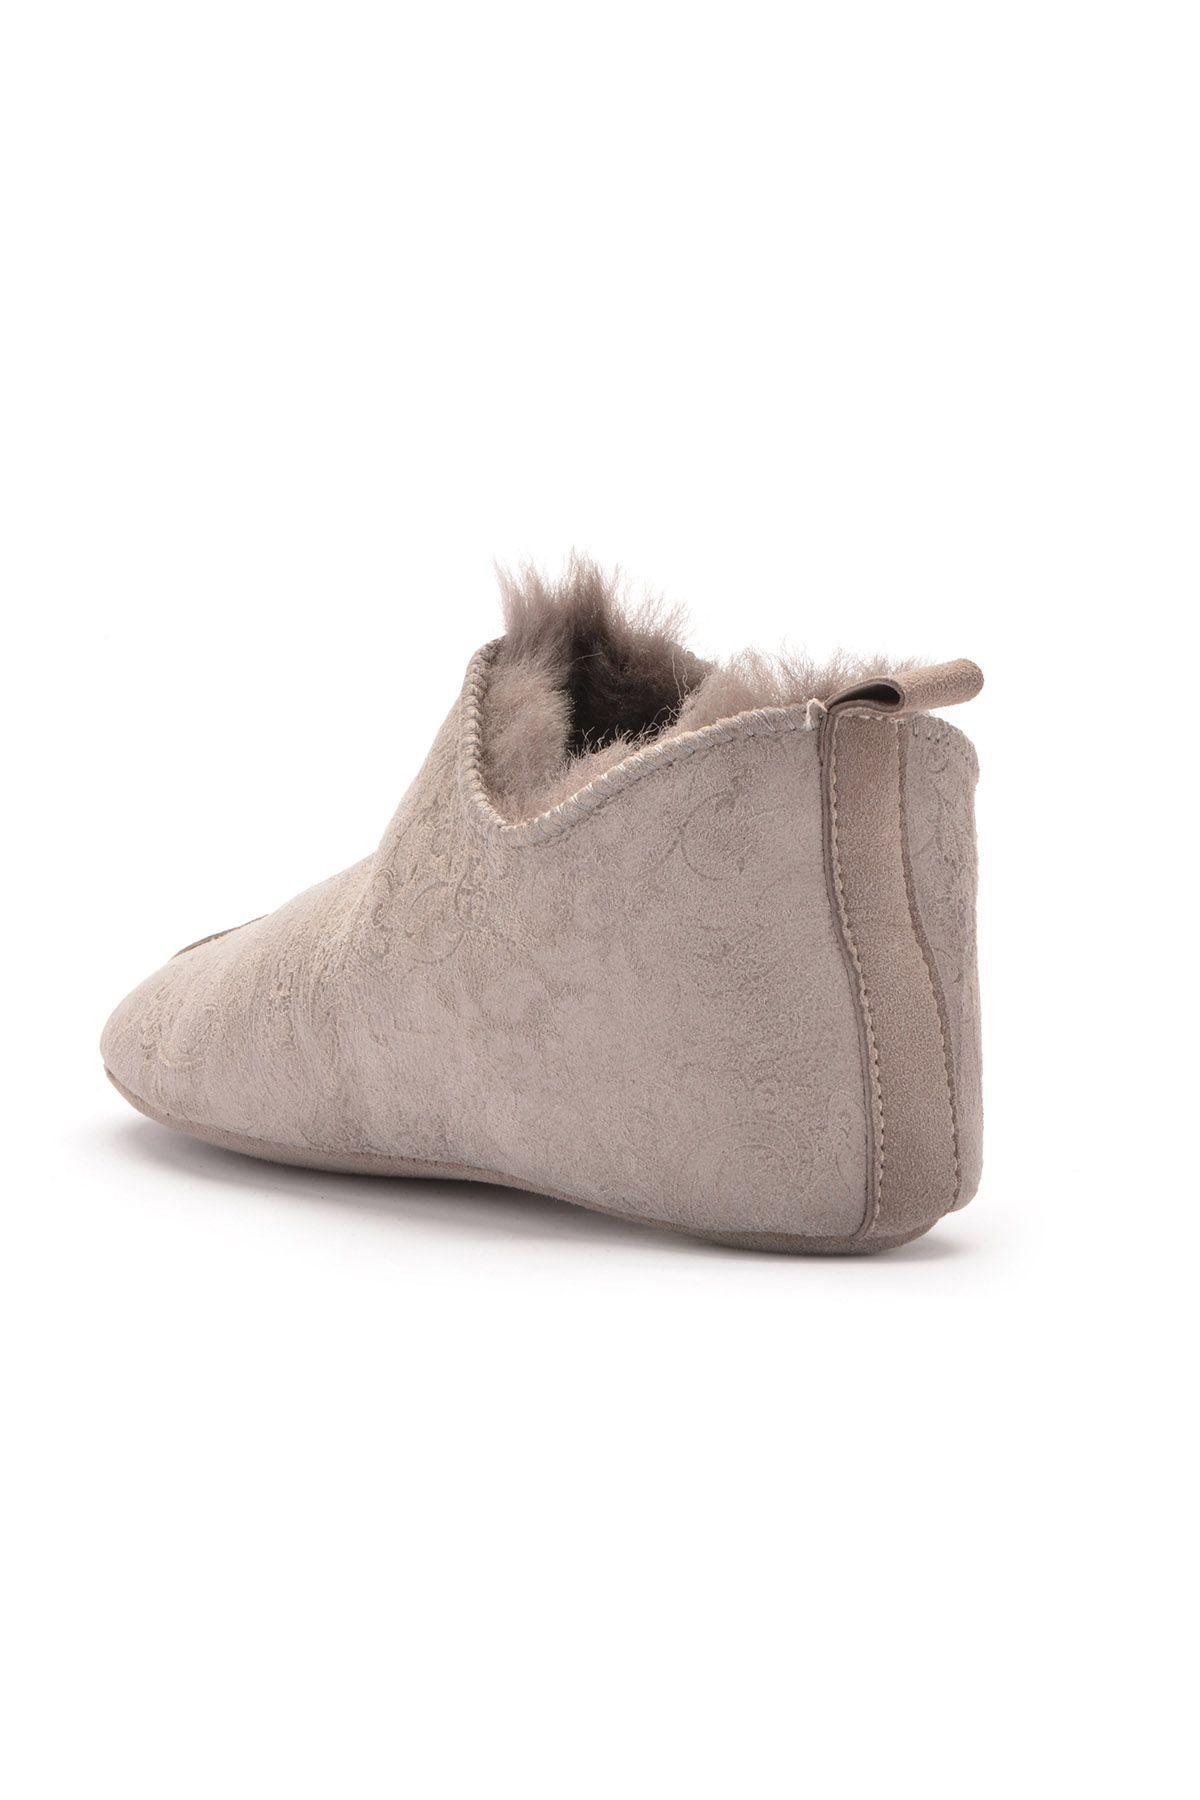 Pegia Hakiki Kürk Bayan Ev Ayakkabısı 101297 Açık Gri